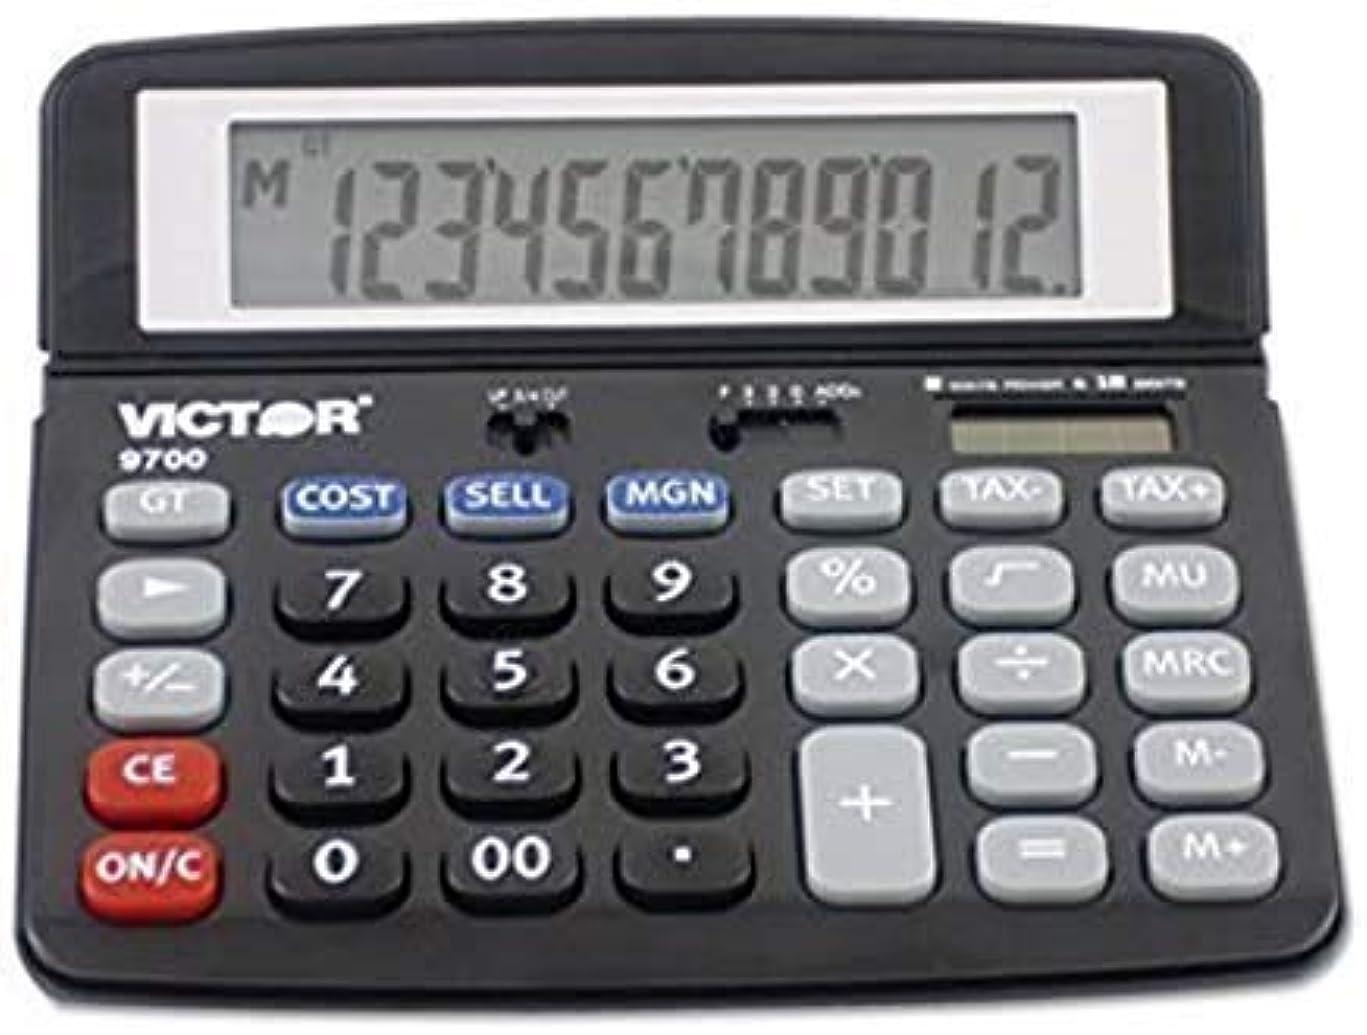 かかわらずネクタイ海峡Victor 9700 標準機能電卓